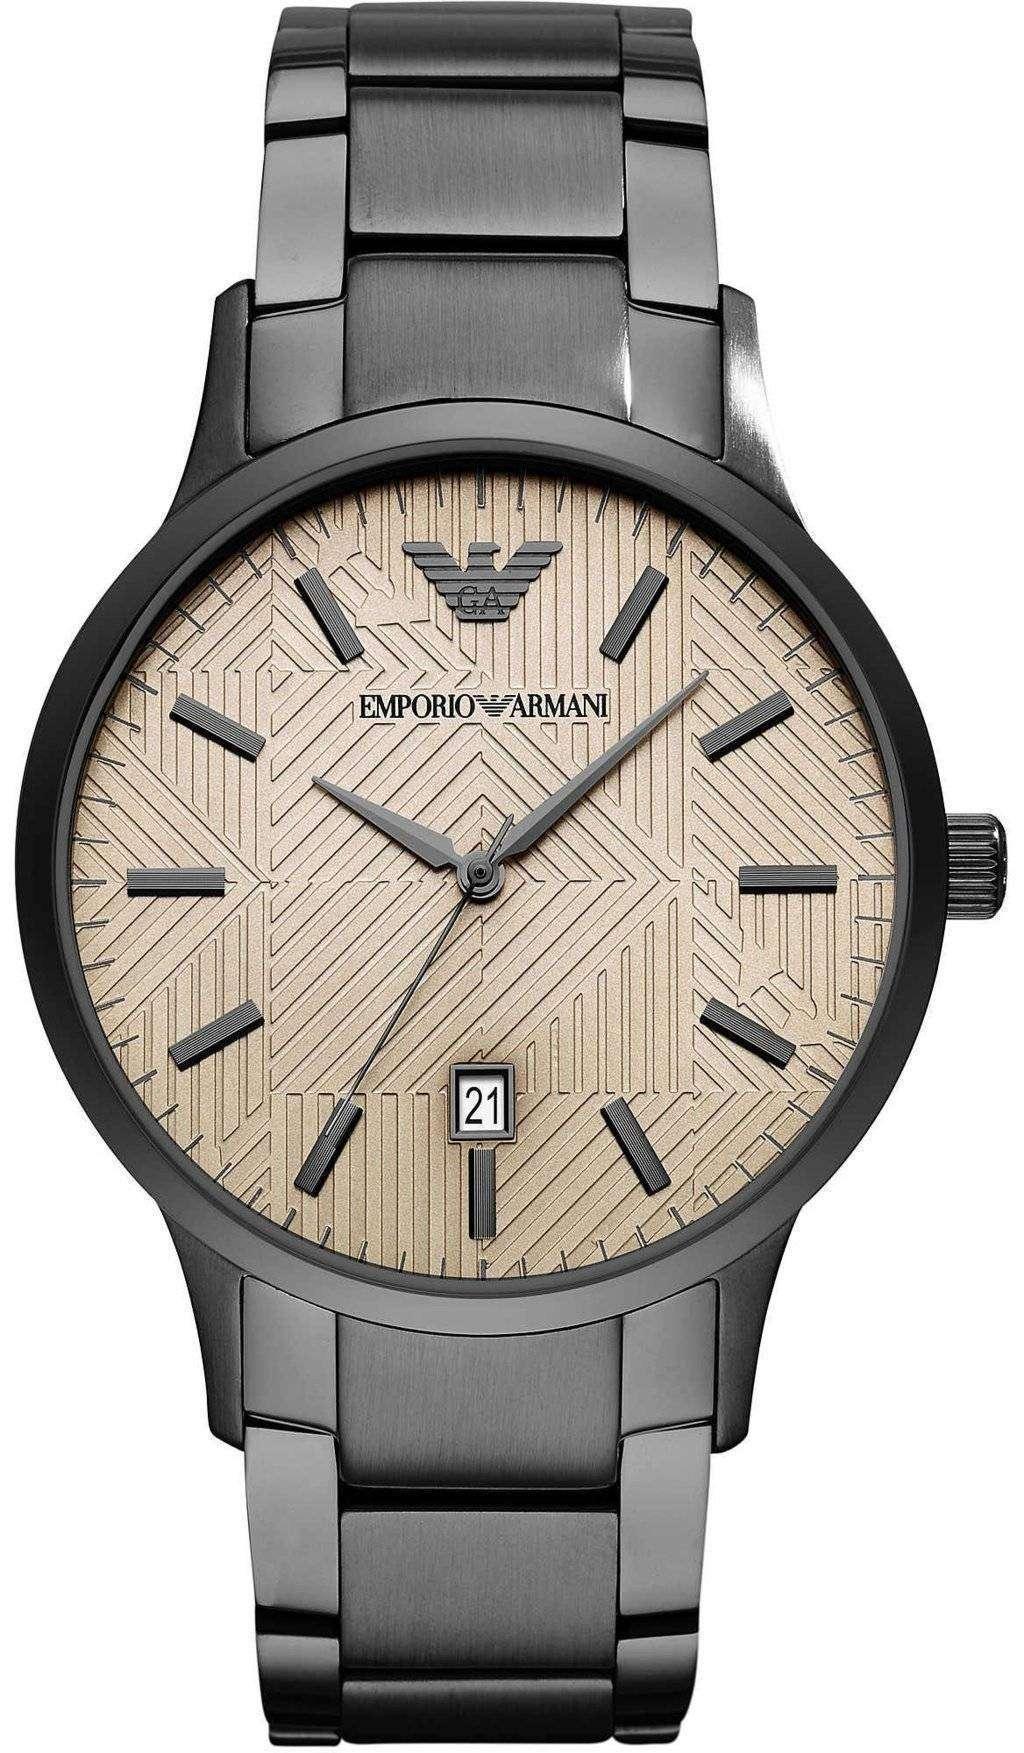 エンポリオ ・ アルマーニ クォーツ AR11120 メンズ腕時計